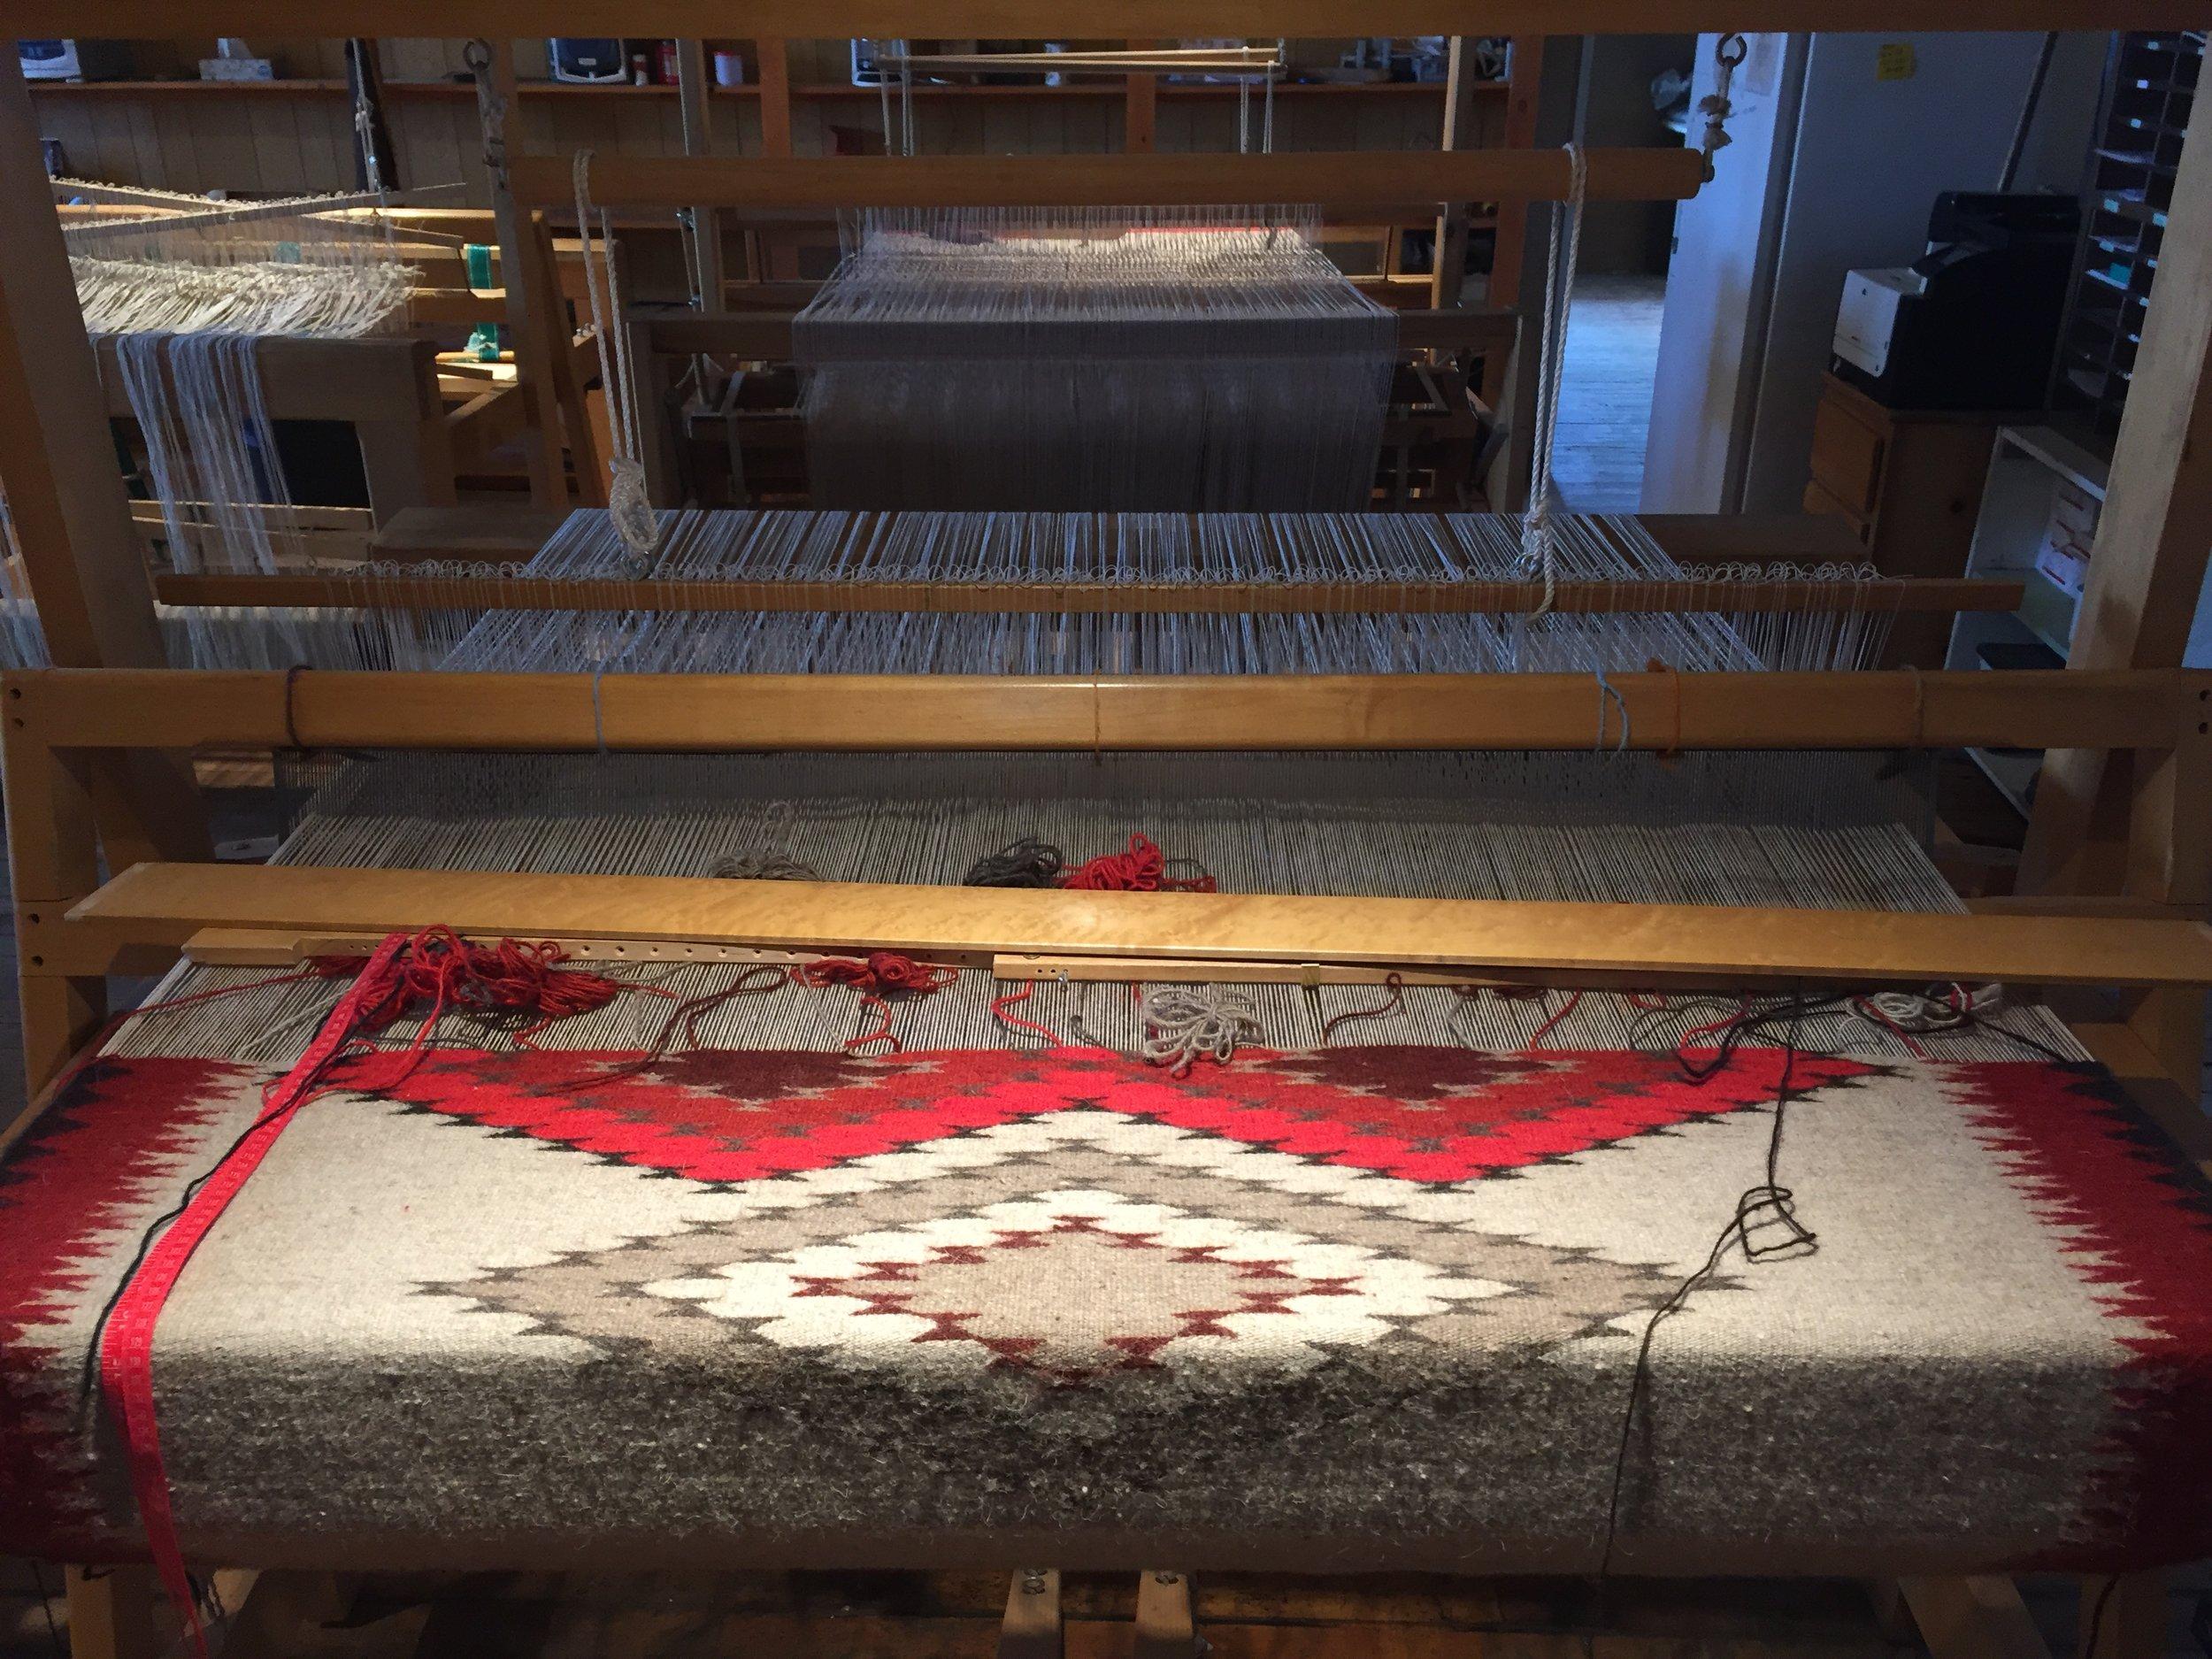 Molly's Churro tapestry on the loom